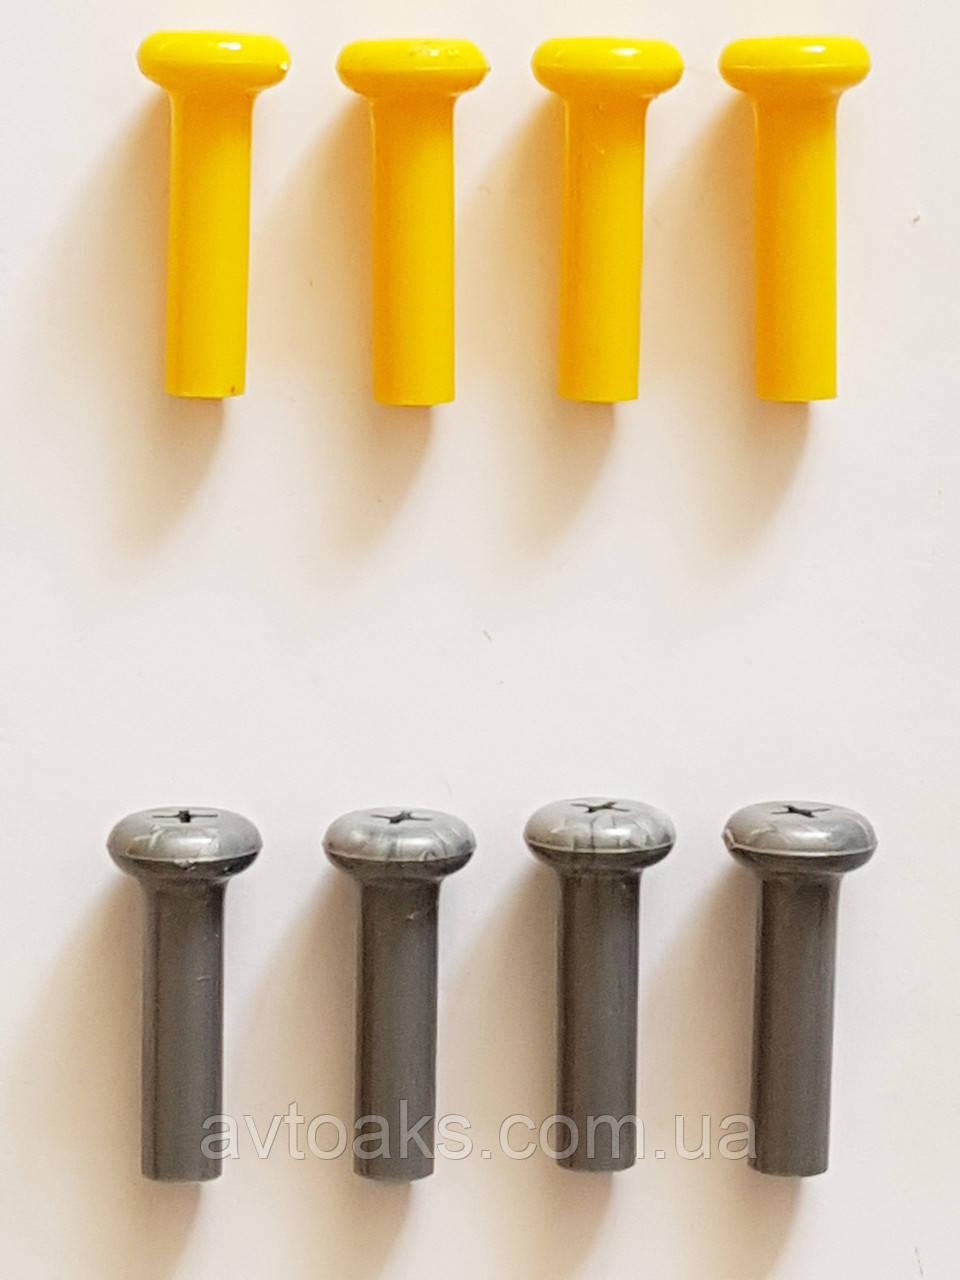 Кнопка двери фиксации замка ВАЗ 2101-06 пластмасс, тюнинг